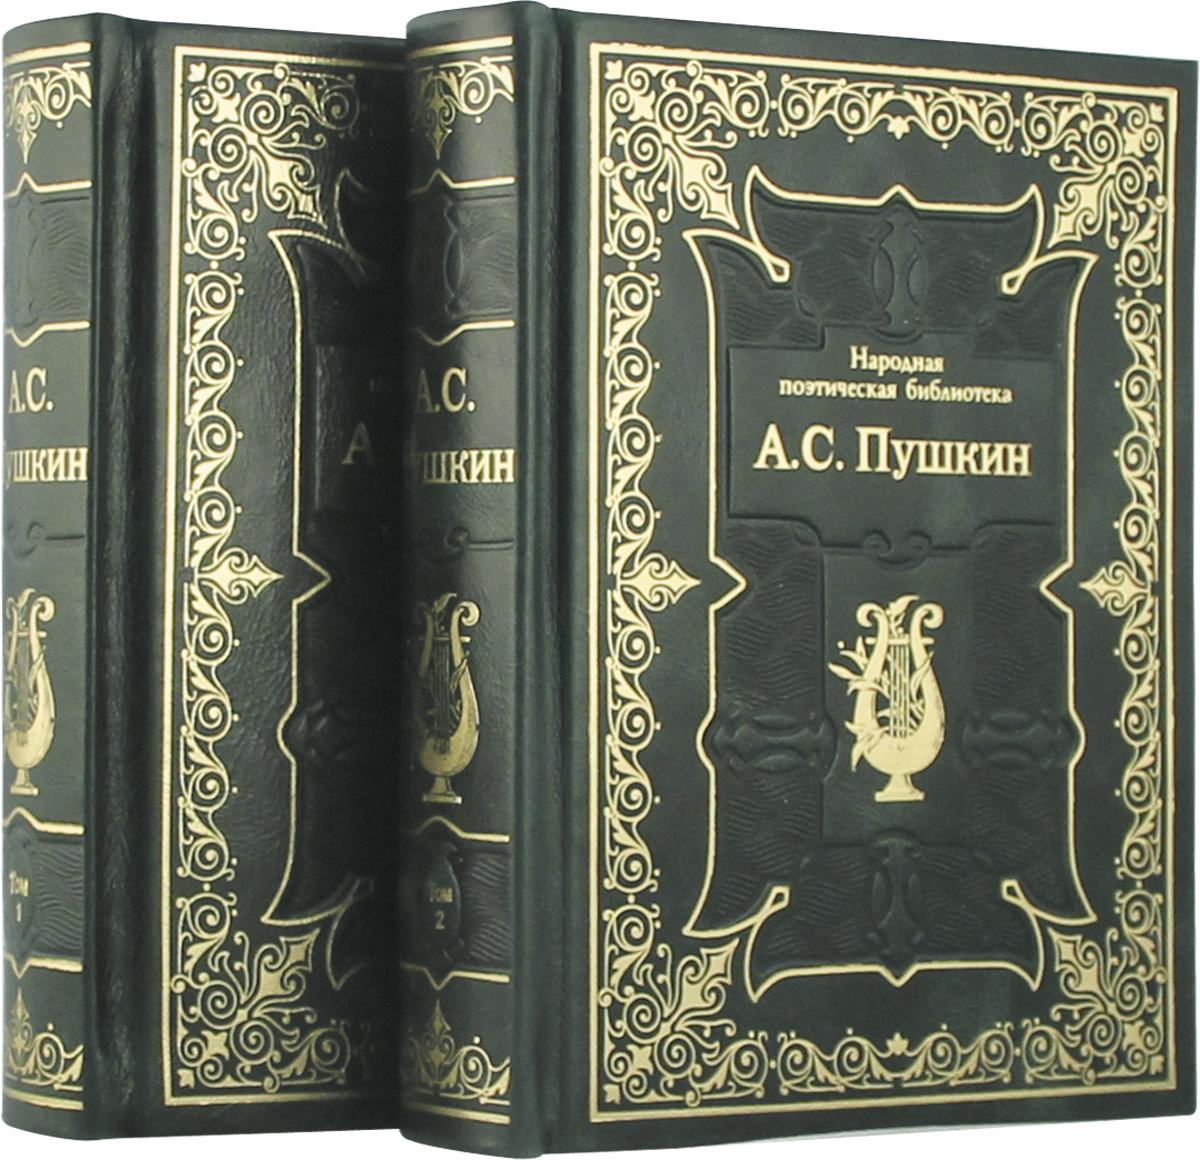 А С Пушкин Александр Пушкин Избранная лирика В 2 томах подарочное издание